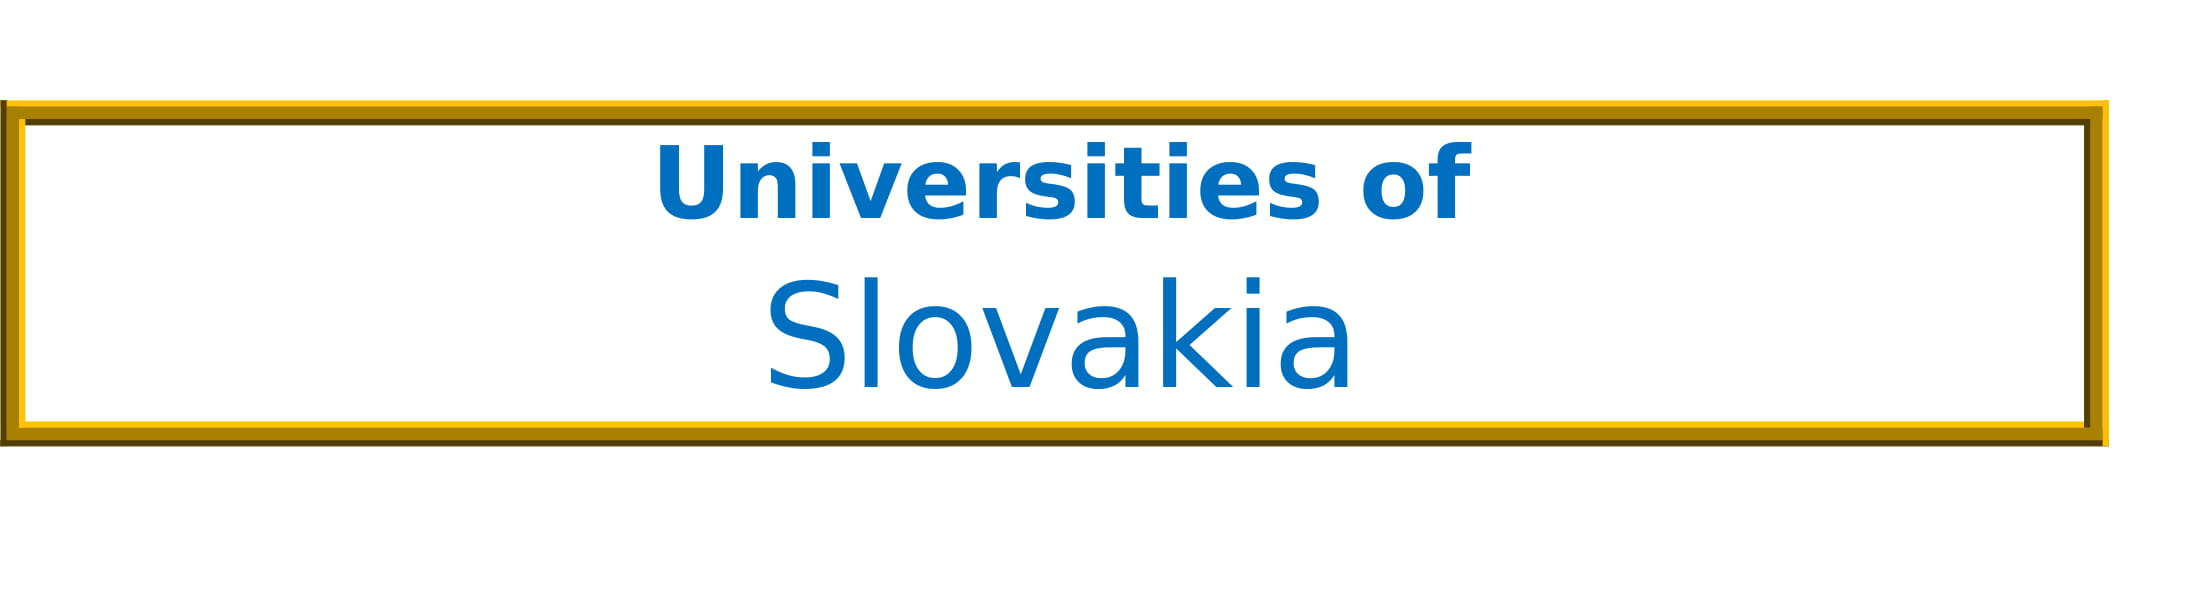 List of Universities in Slovakia